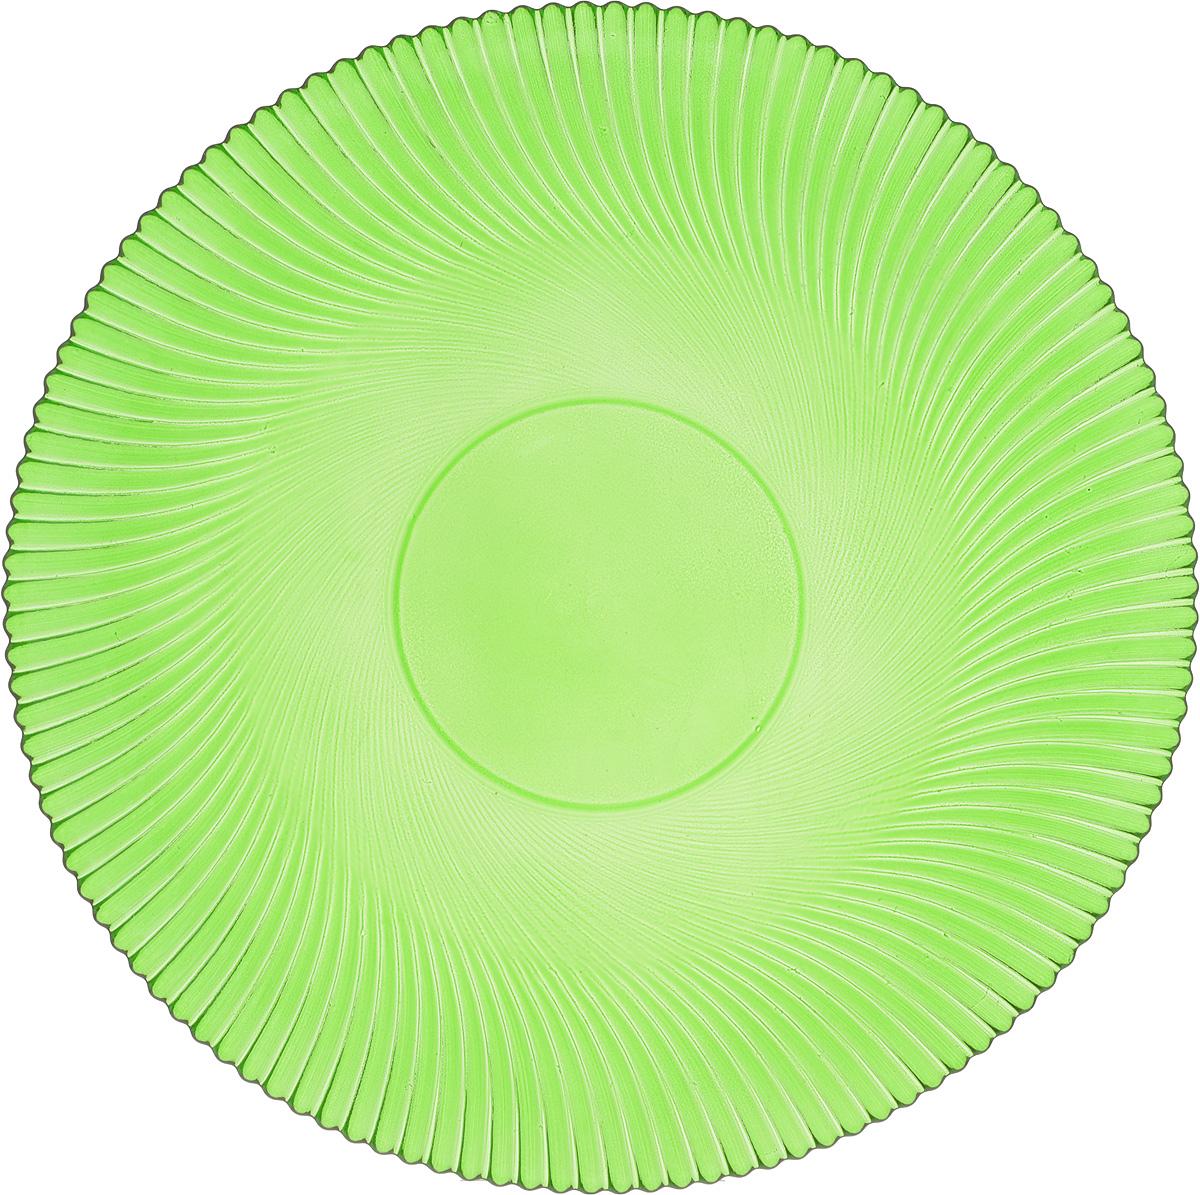 Тарелка NiNaGlass Альтера, цвет: зеленый, диаметр 26 смVT-1520(SR)Тарелка NiNaGlass Альтера выполнена из высококачественного стекла и оформлена красивым рельефным узором. Тарелка идеальна для подачи вторых блюд, а также сервировки закусок, нарезок, десертов и многого другого. Она отлично подойдет как для повседневных, так и для торжественных случаев.Такая тарелка прекрасно впишется в интерьер вашей кухни и станет достойным дополнением к кухонному инвентарю.